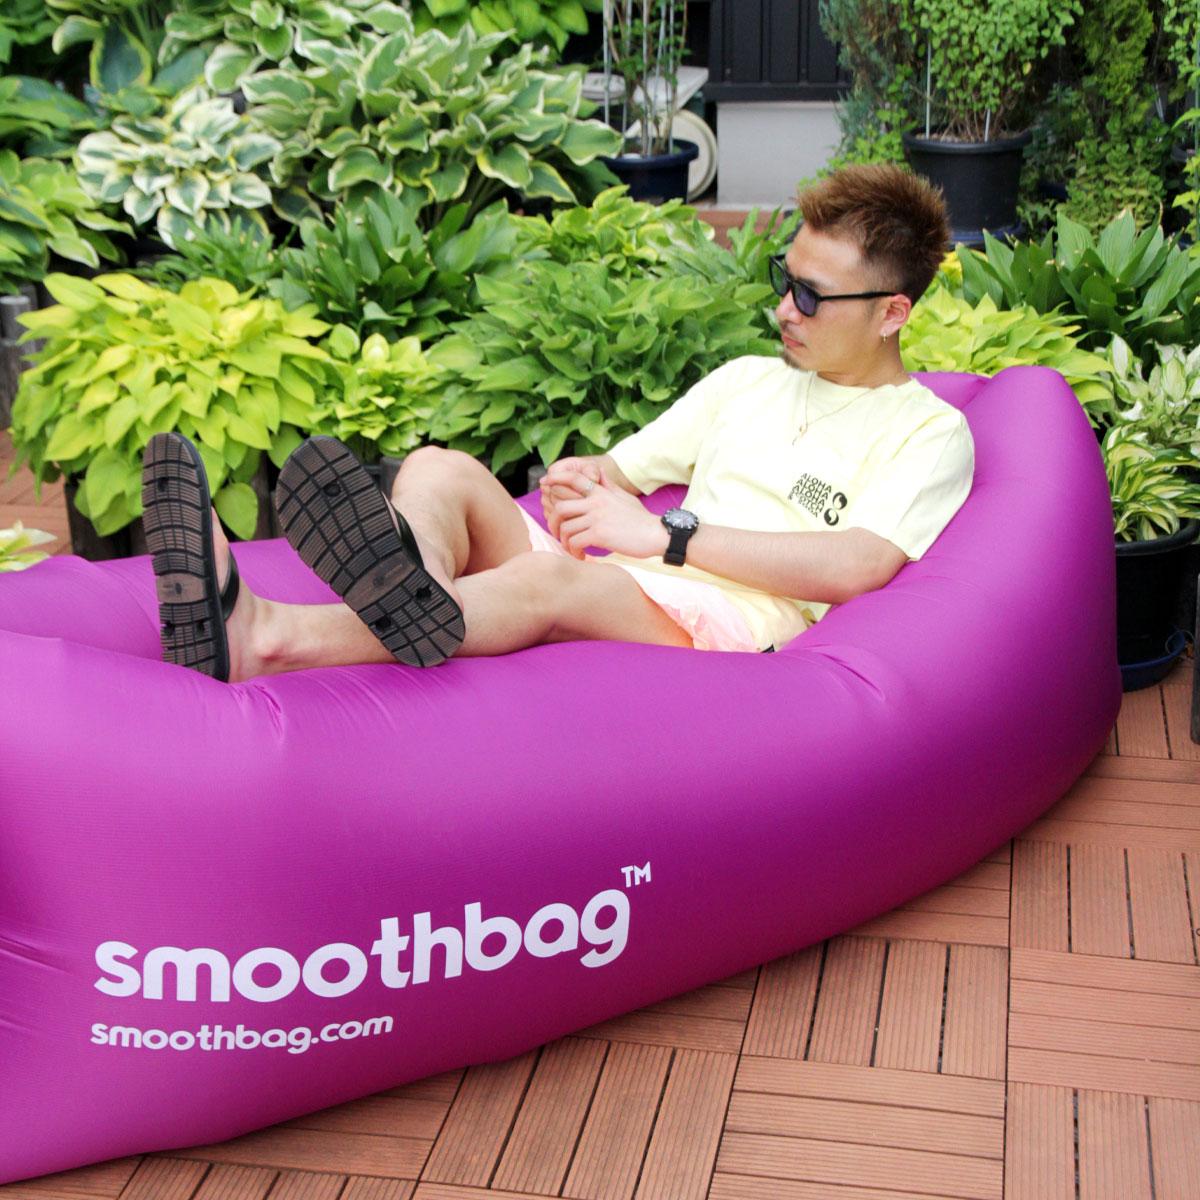 スムースバッグ smoothbag 正規品 アウトドア ソファー Smoothbag SB-PURPLE Purple AA3B B0C CAD D1E E24F